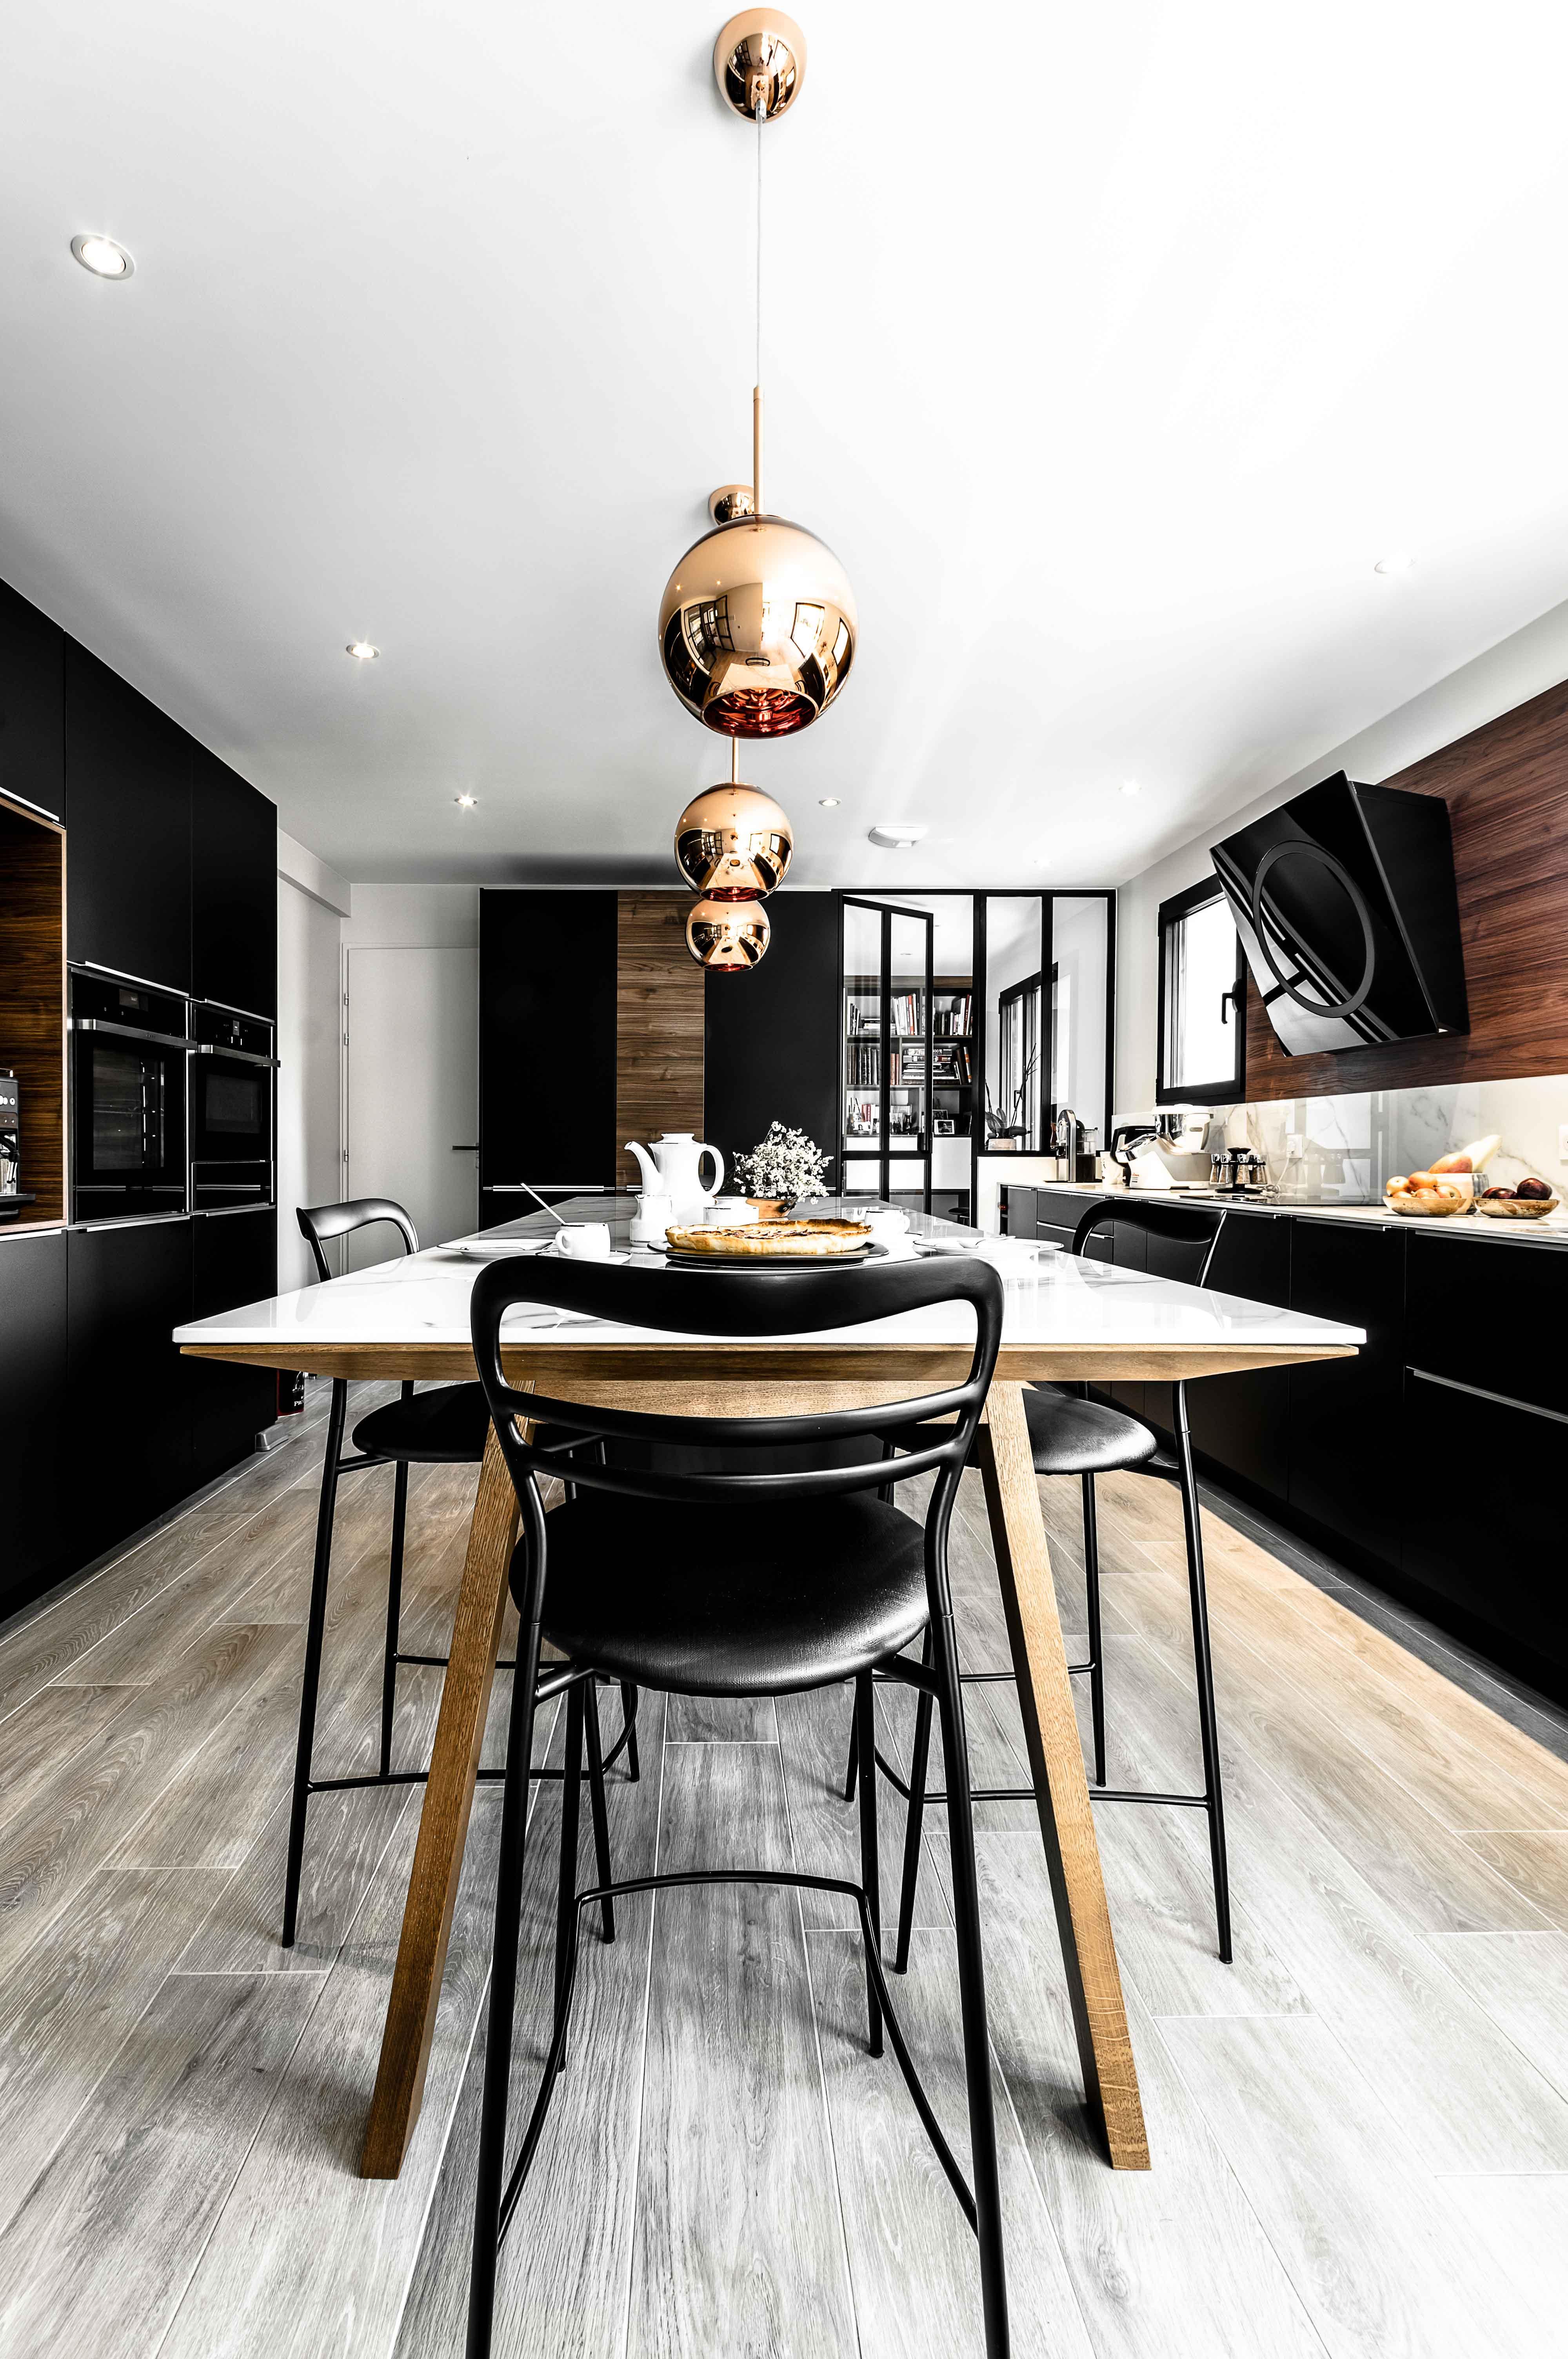 plan de table avec décoration d'intérieur pour cuisine unique sur mesure haut de gamme moderne contemporaine scandinave annecy le vieux argonay